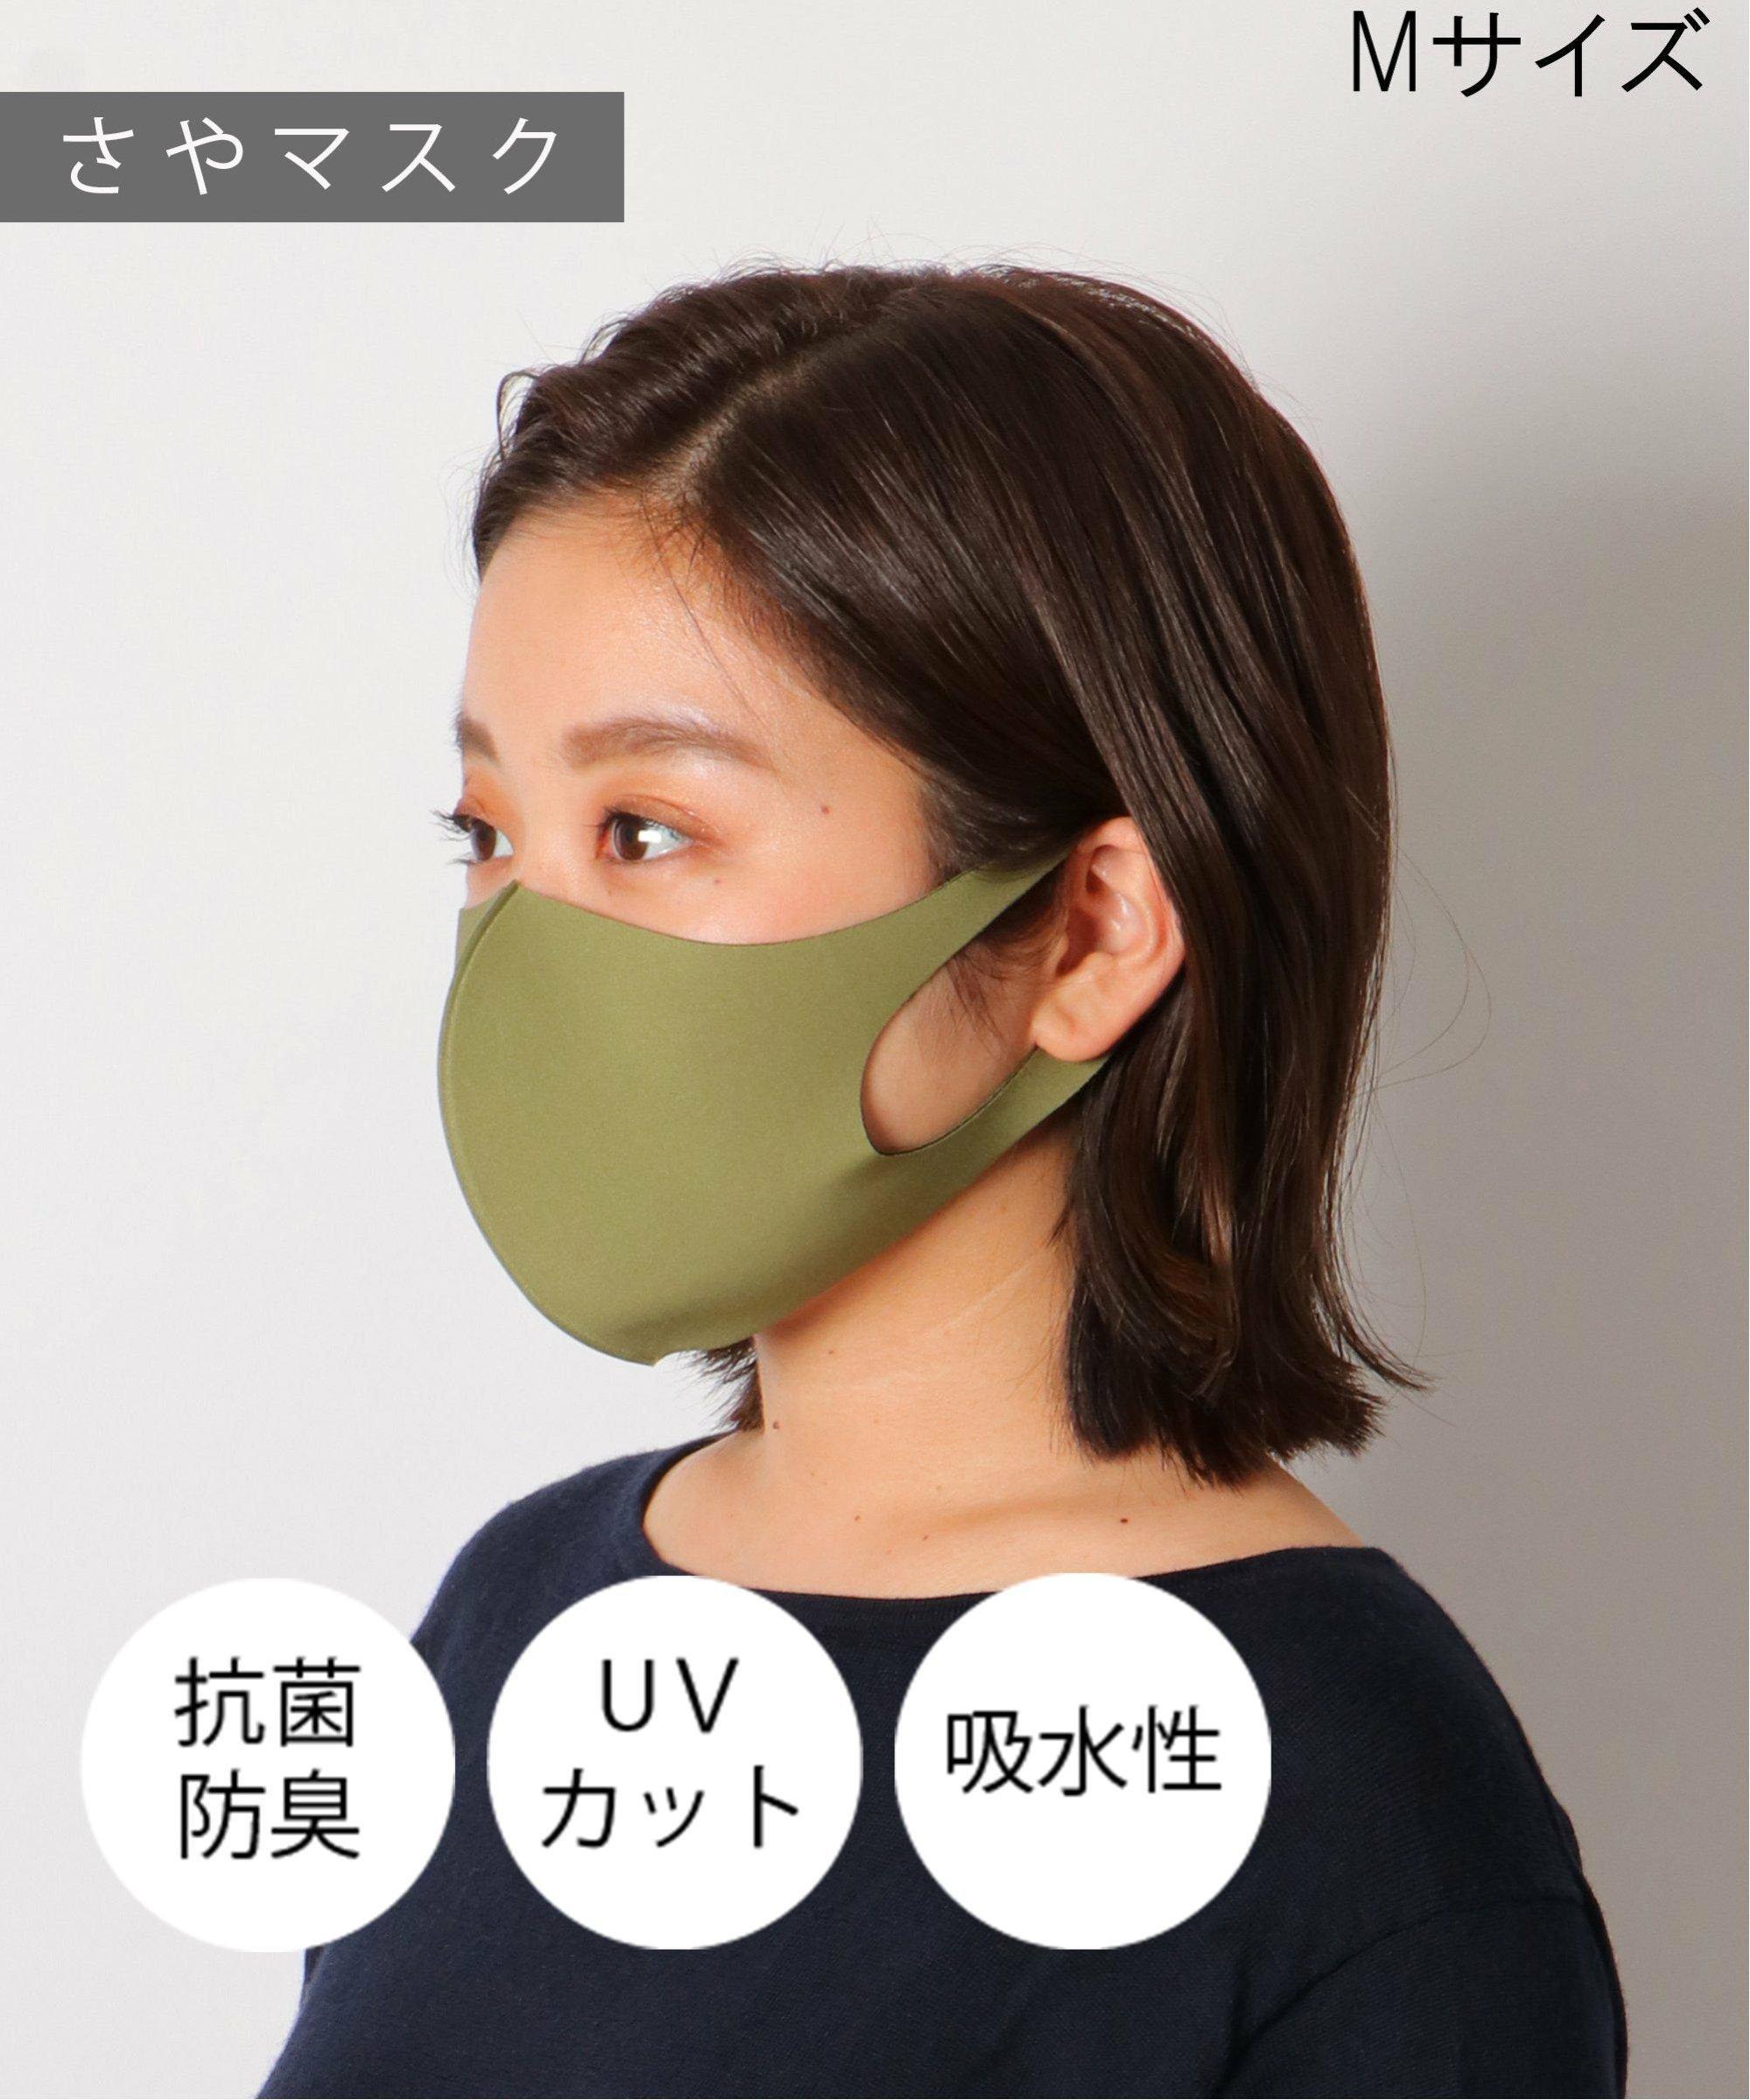 【おとな用】 清マスク(さやマスク) オリーブ